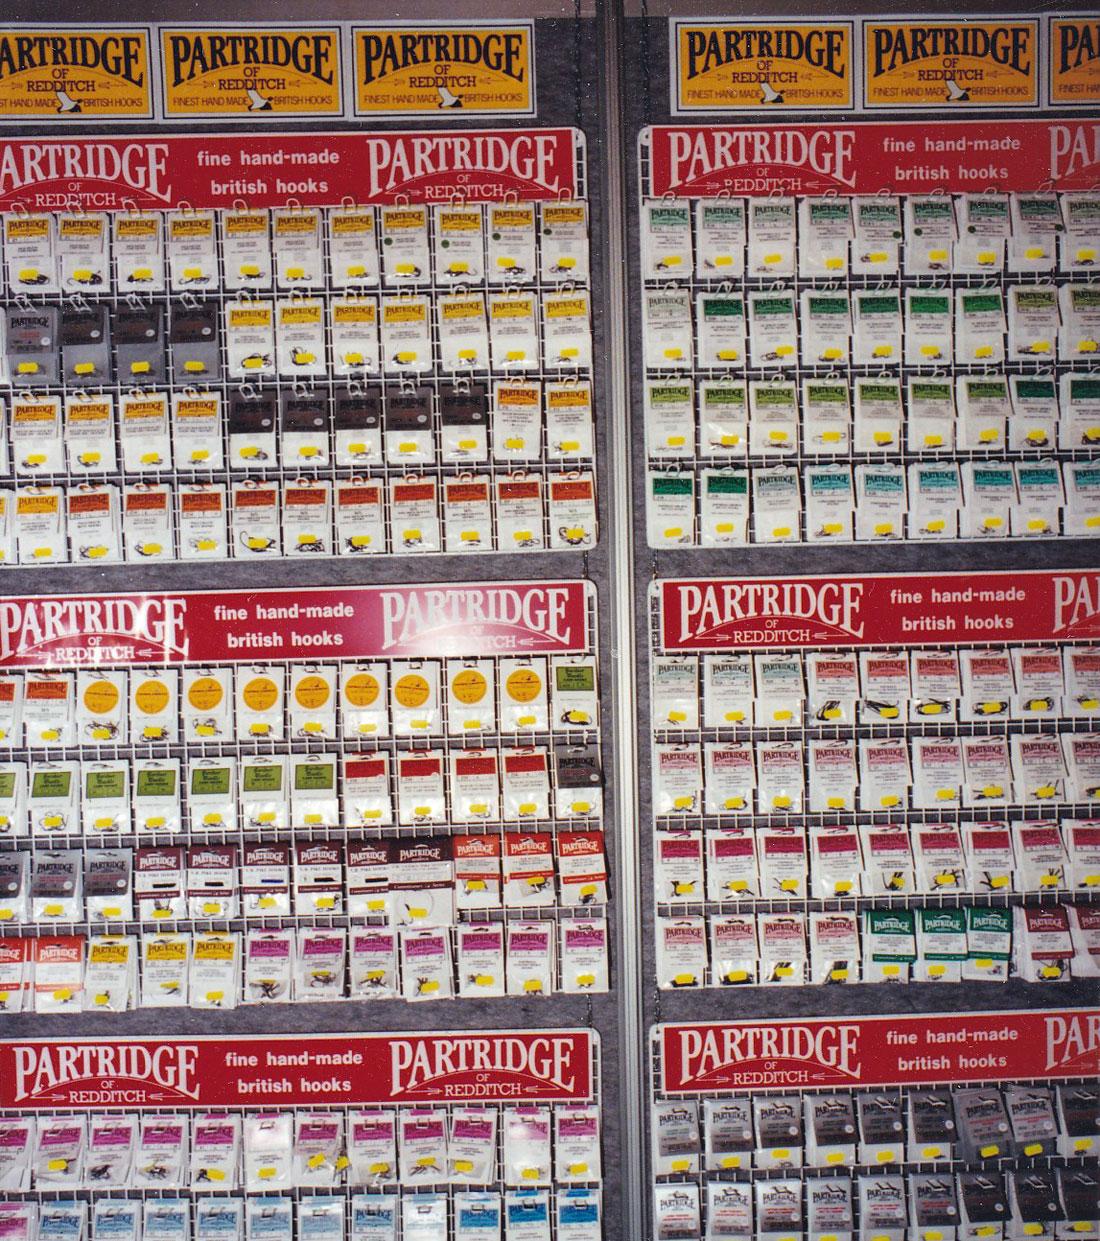 Partridge führte damals ein riesiges Hakensortiment.